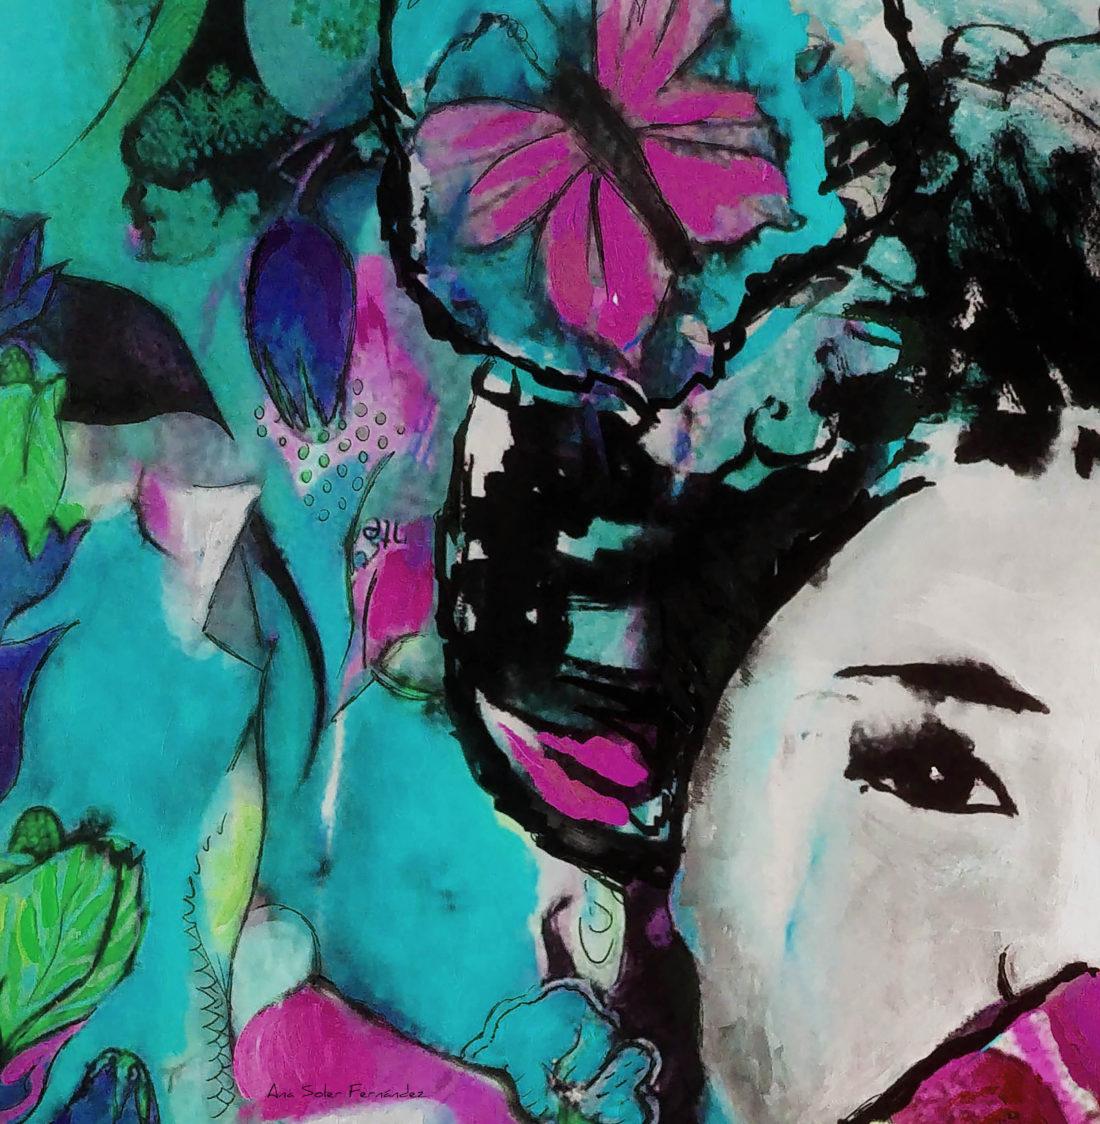 Colección de obras de Ana Soler para la exposición Art Nordic